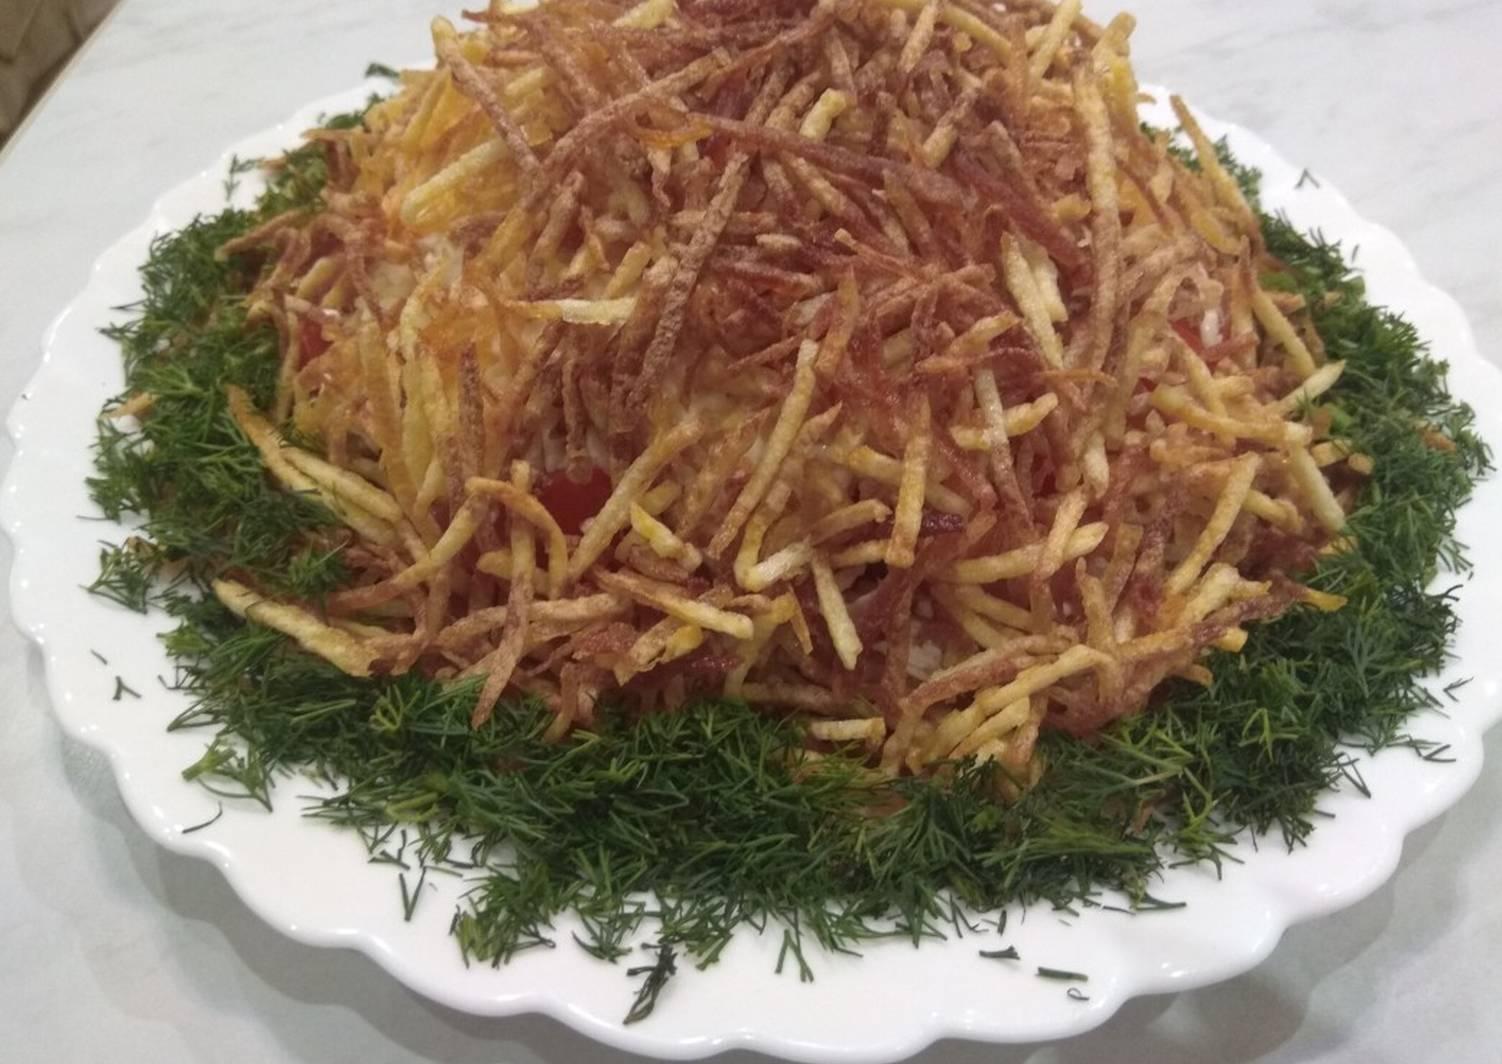 ищете руководство салат горками рецепт с фото пошагово представляет собой